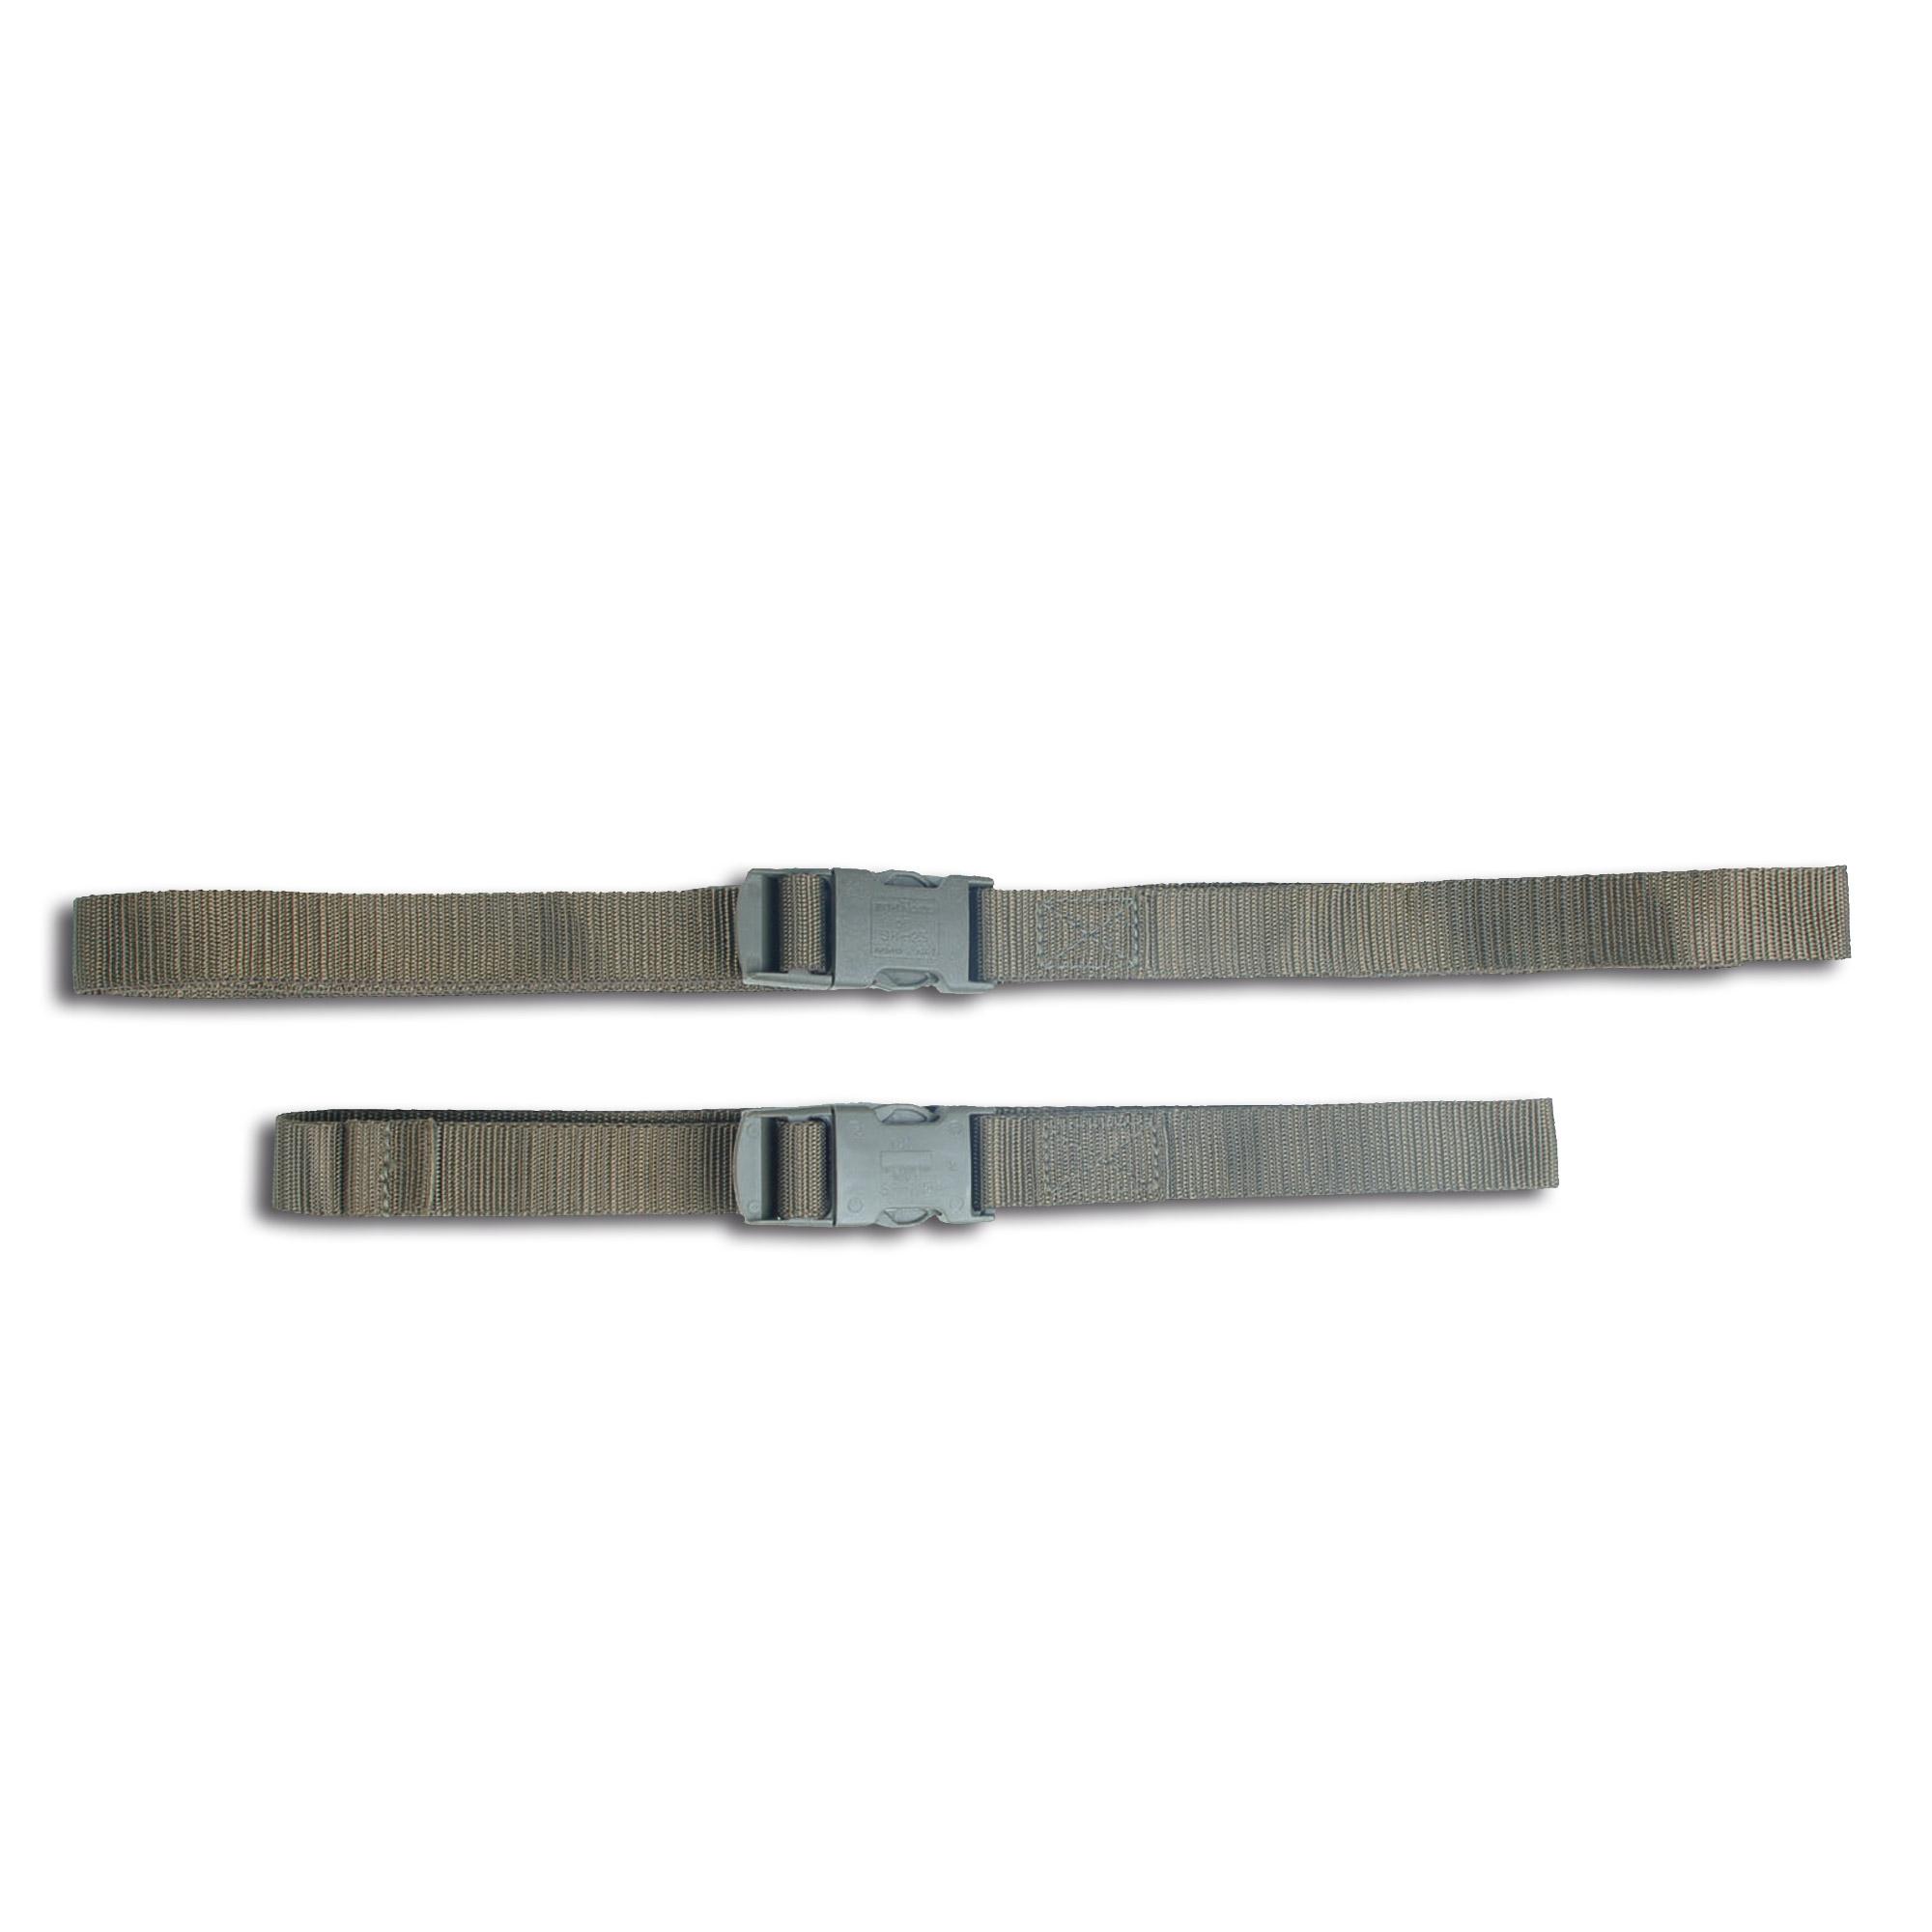 Nylon Strap with Clip Closure, 80 cm - olive